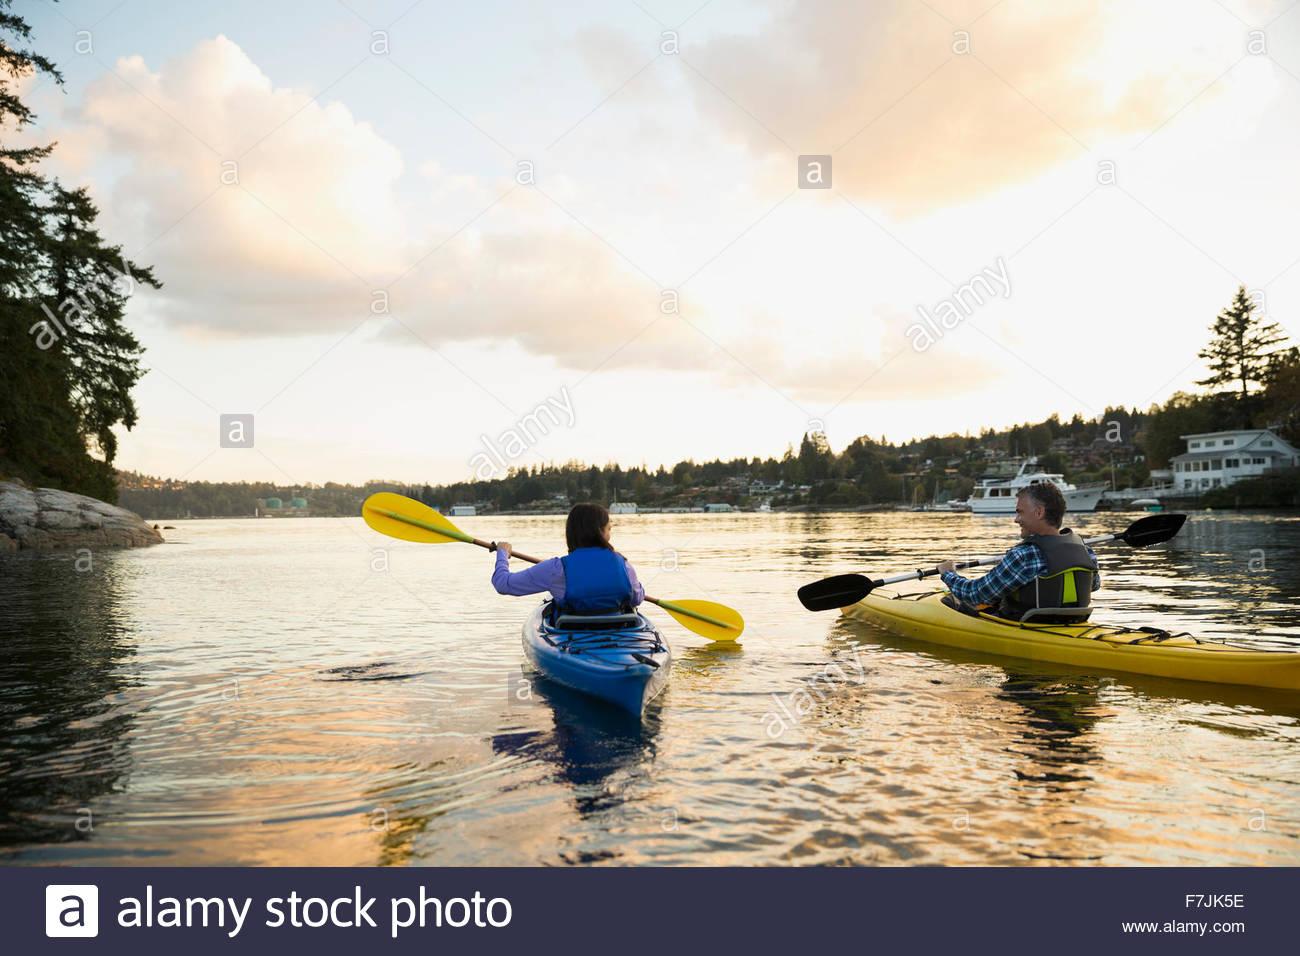 Couple kayaking on lake at sunset - Stock Image